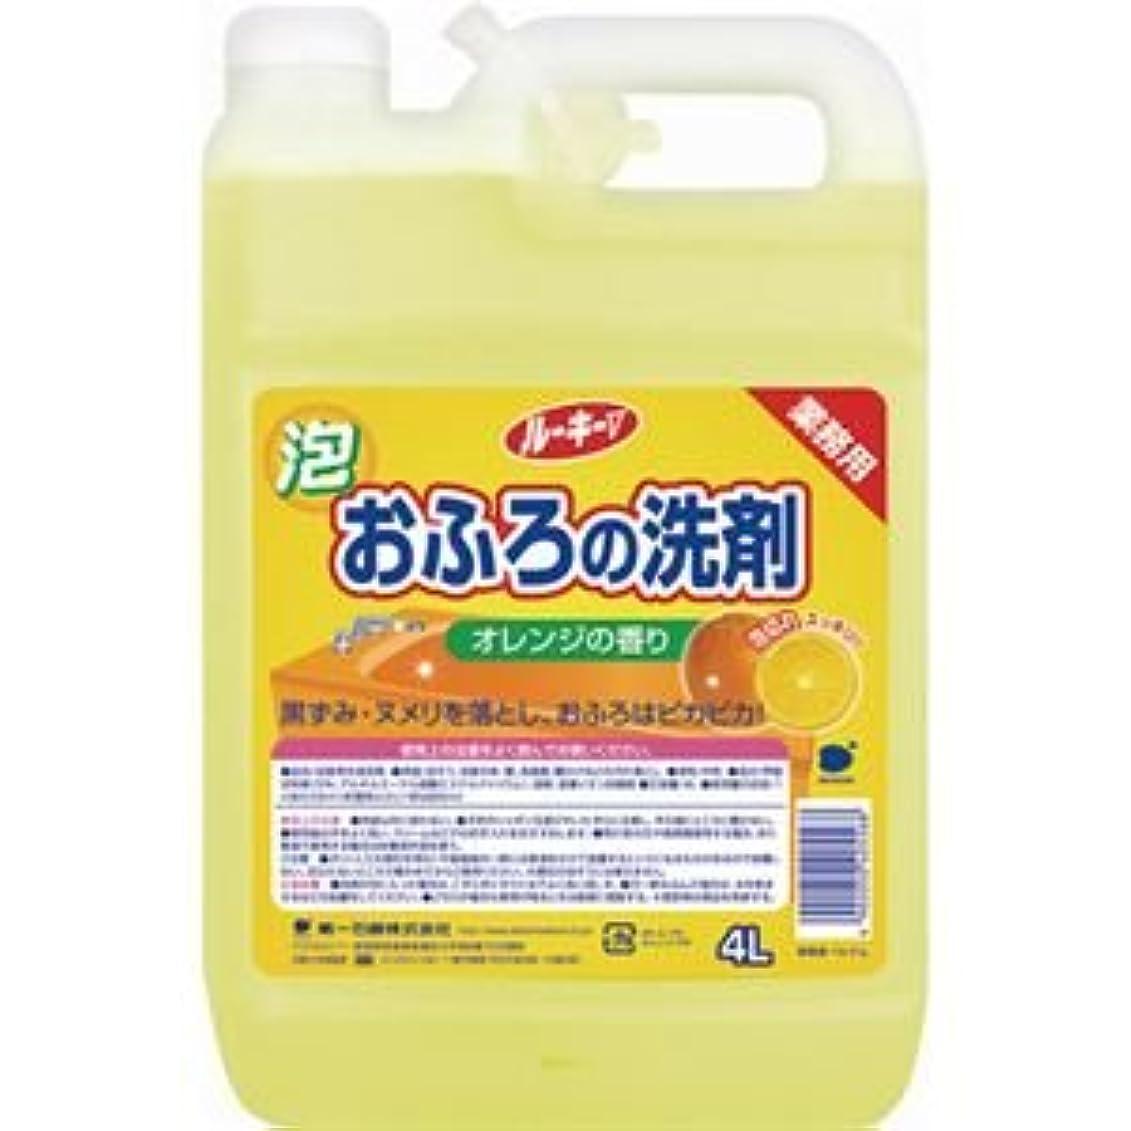 文房具シルエット精算(まとめ) 第一石鹸 ルーキーV おふろ洗剤 業務用 4L 1本 【×5セット】